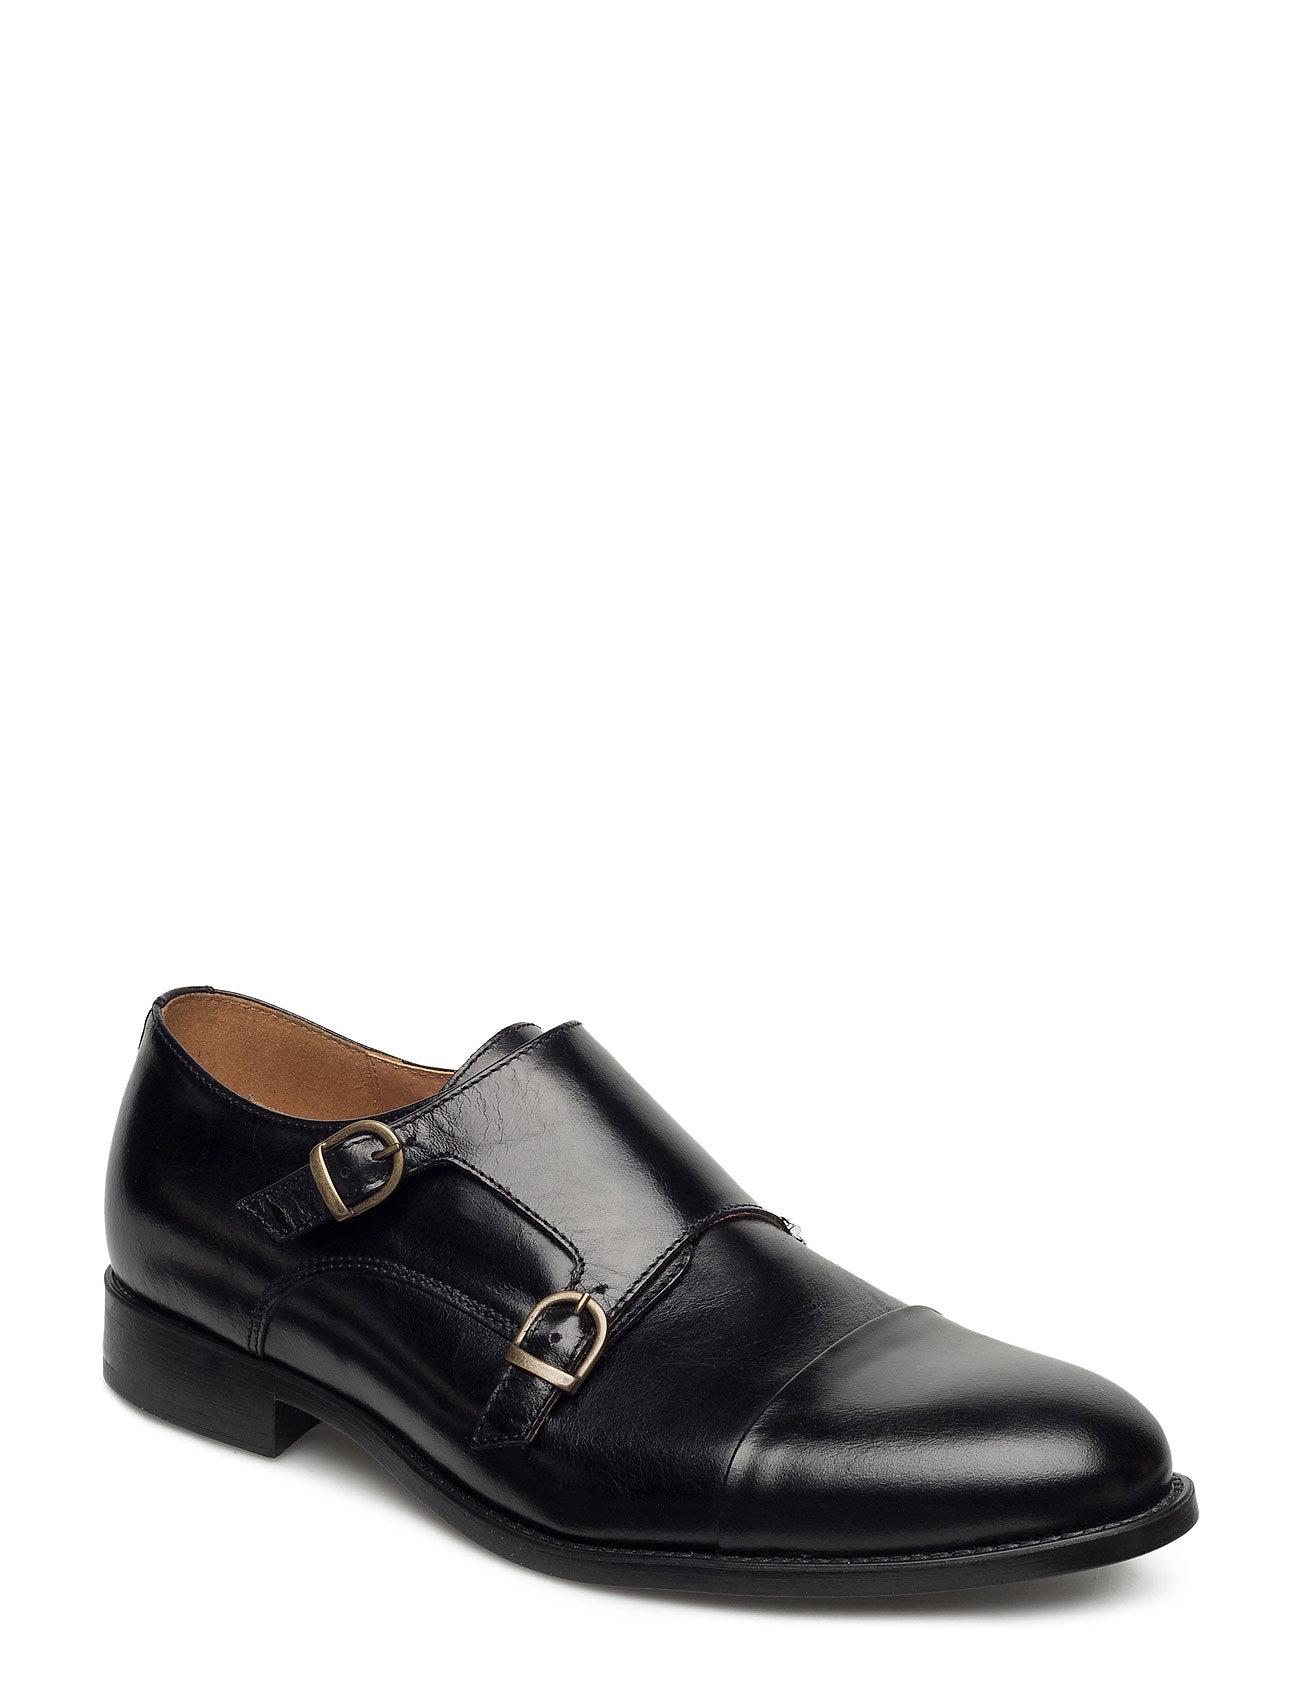 1669 Playboy Footwear Business til Herrer i Sort